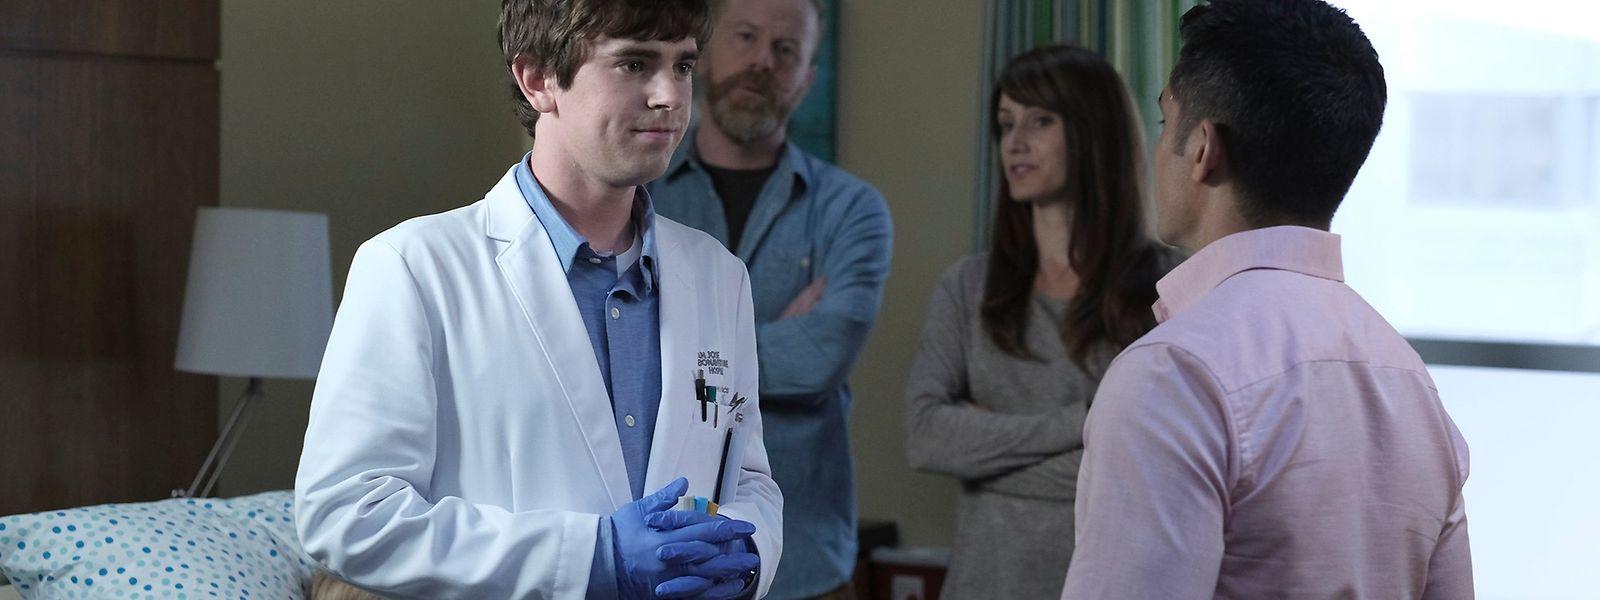 """Autist, aber als Arzt brillant: Freddie Highmore (l.) spielt die Hauptrolle in """"The Good Doctor""""."""